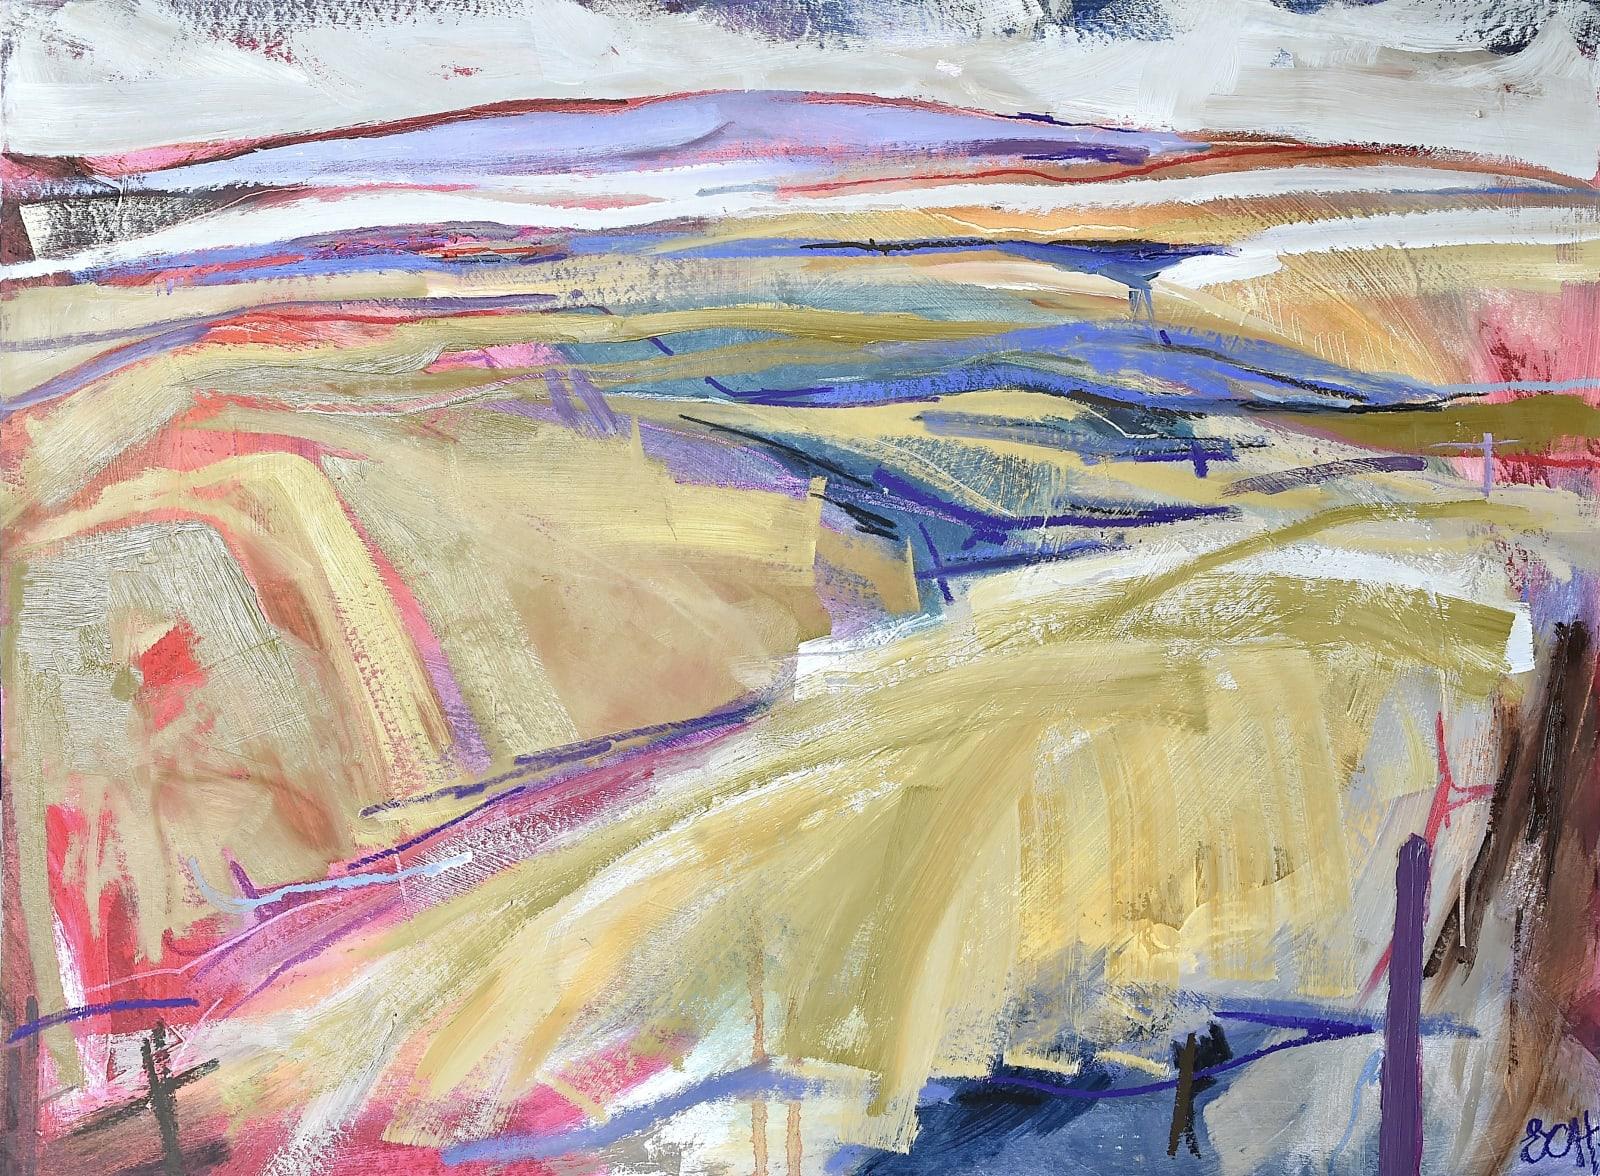 Emma Haggas Hawk's Tor, Bodmin Moor